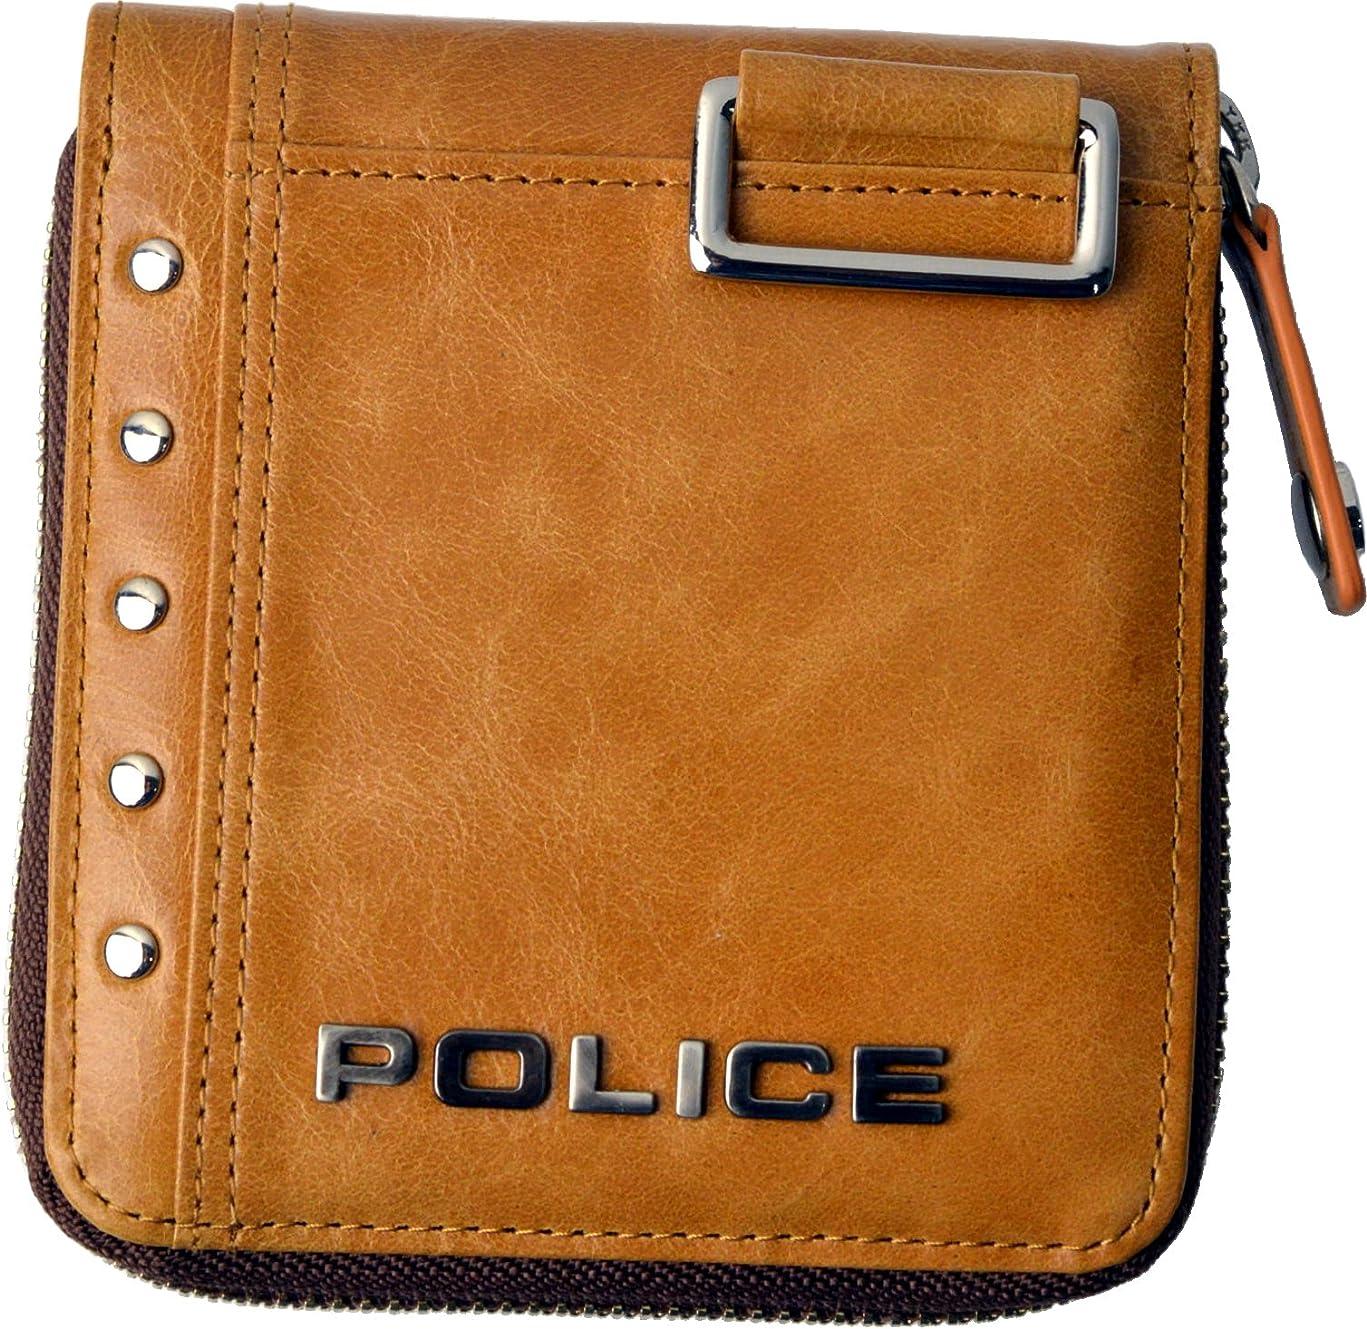 民主主義が欲しい過激派(ポリス) POLICE AVOIDⅡ(アヴォイドⅡ) 折財布 PA-58601